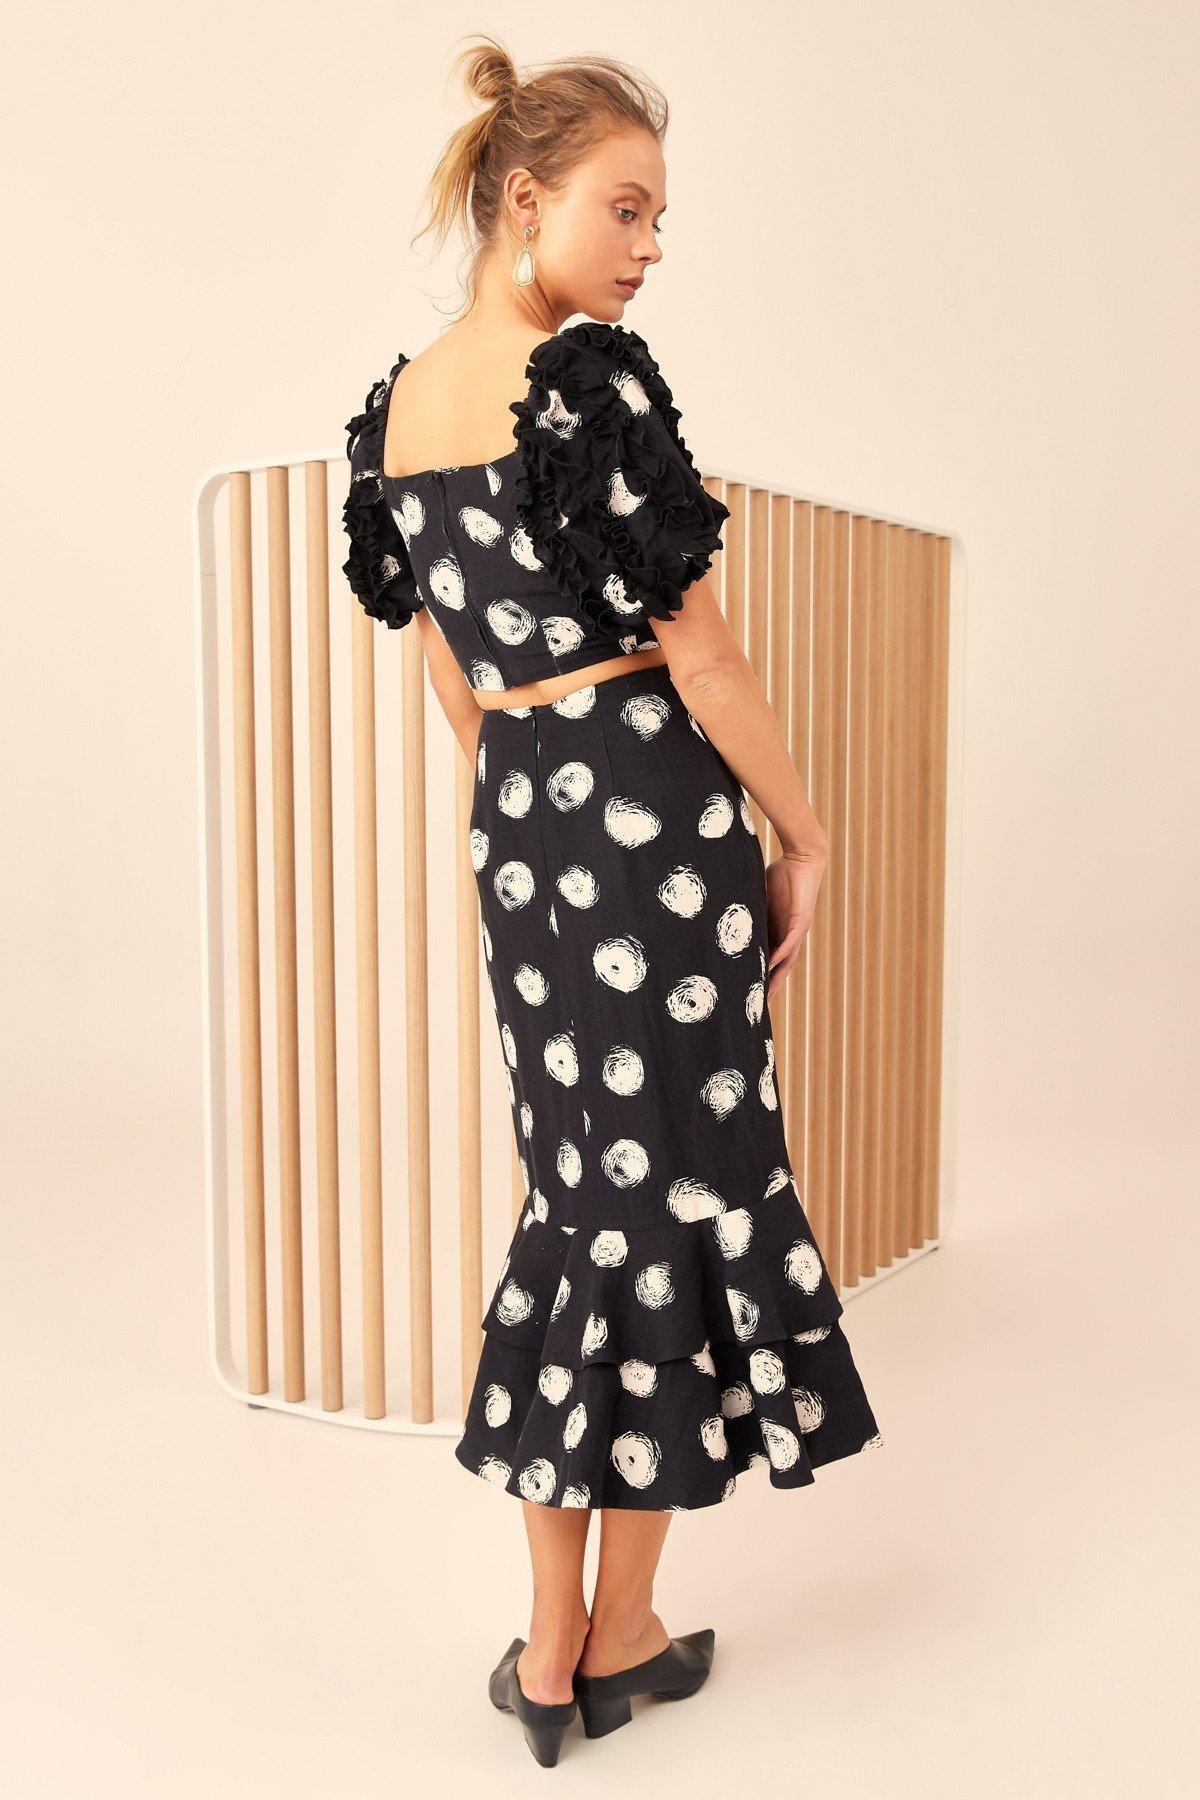 094d9f1f15b white Impression De Nouveau L épaule E210 Mode Printemps Manches Black Sexy  Hors Femme La En Vêtement 2019 Et Pois Été Pour Pétale RfawqTPdP